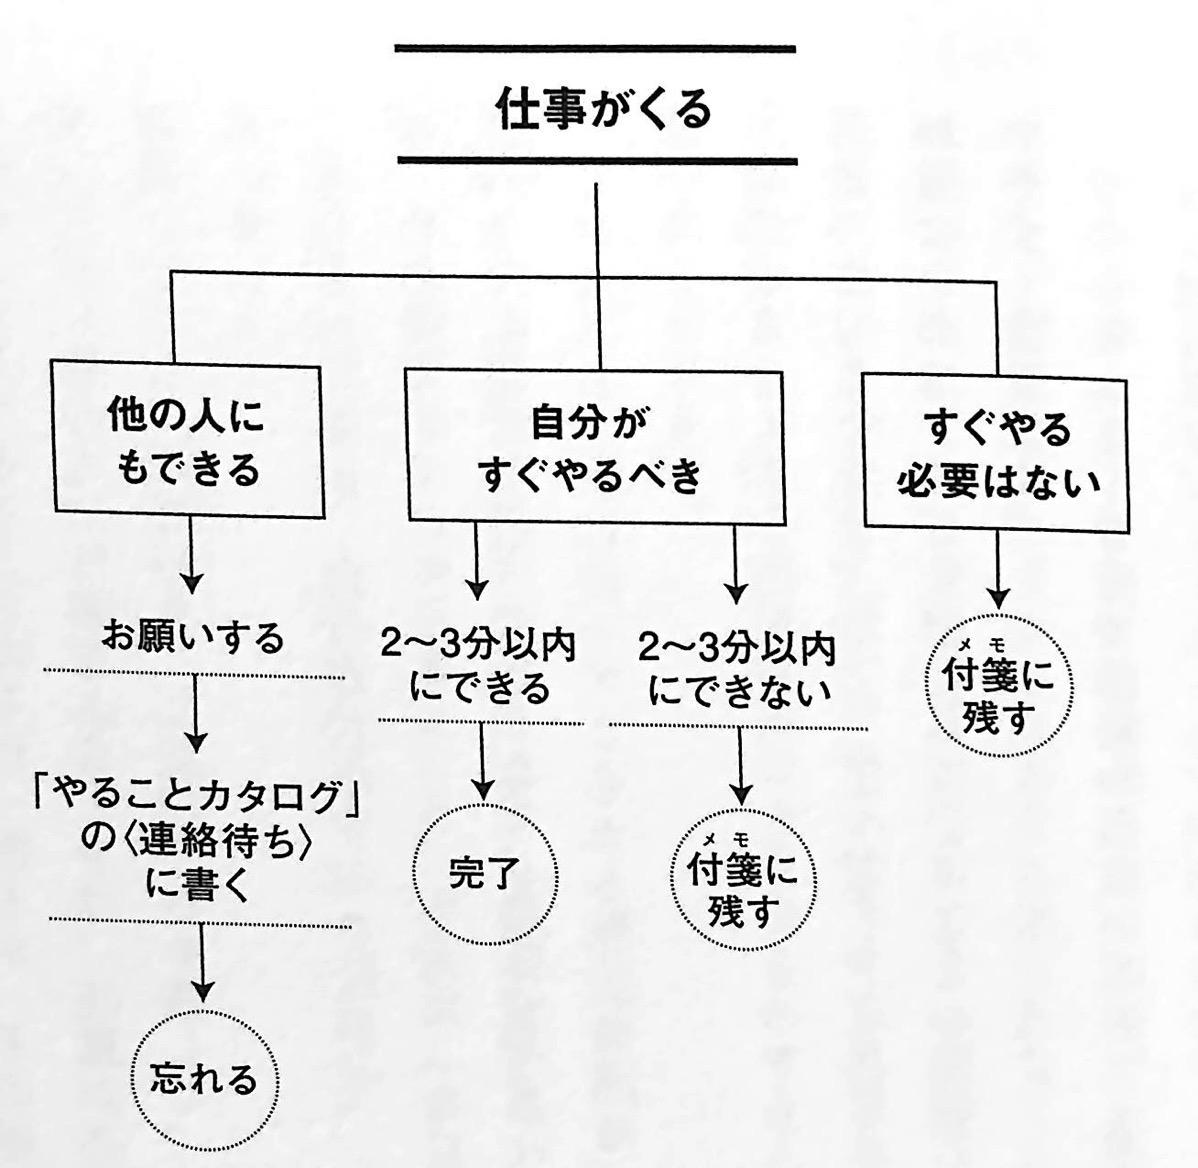 図4 仕事の選り分け方 QUEST CHAP4